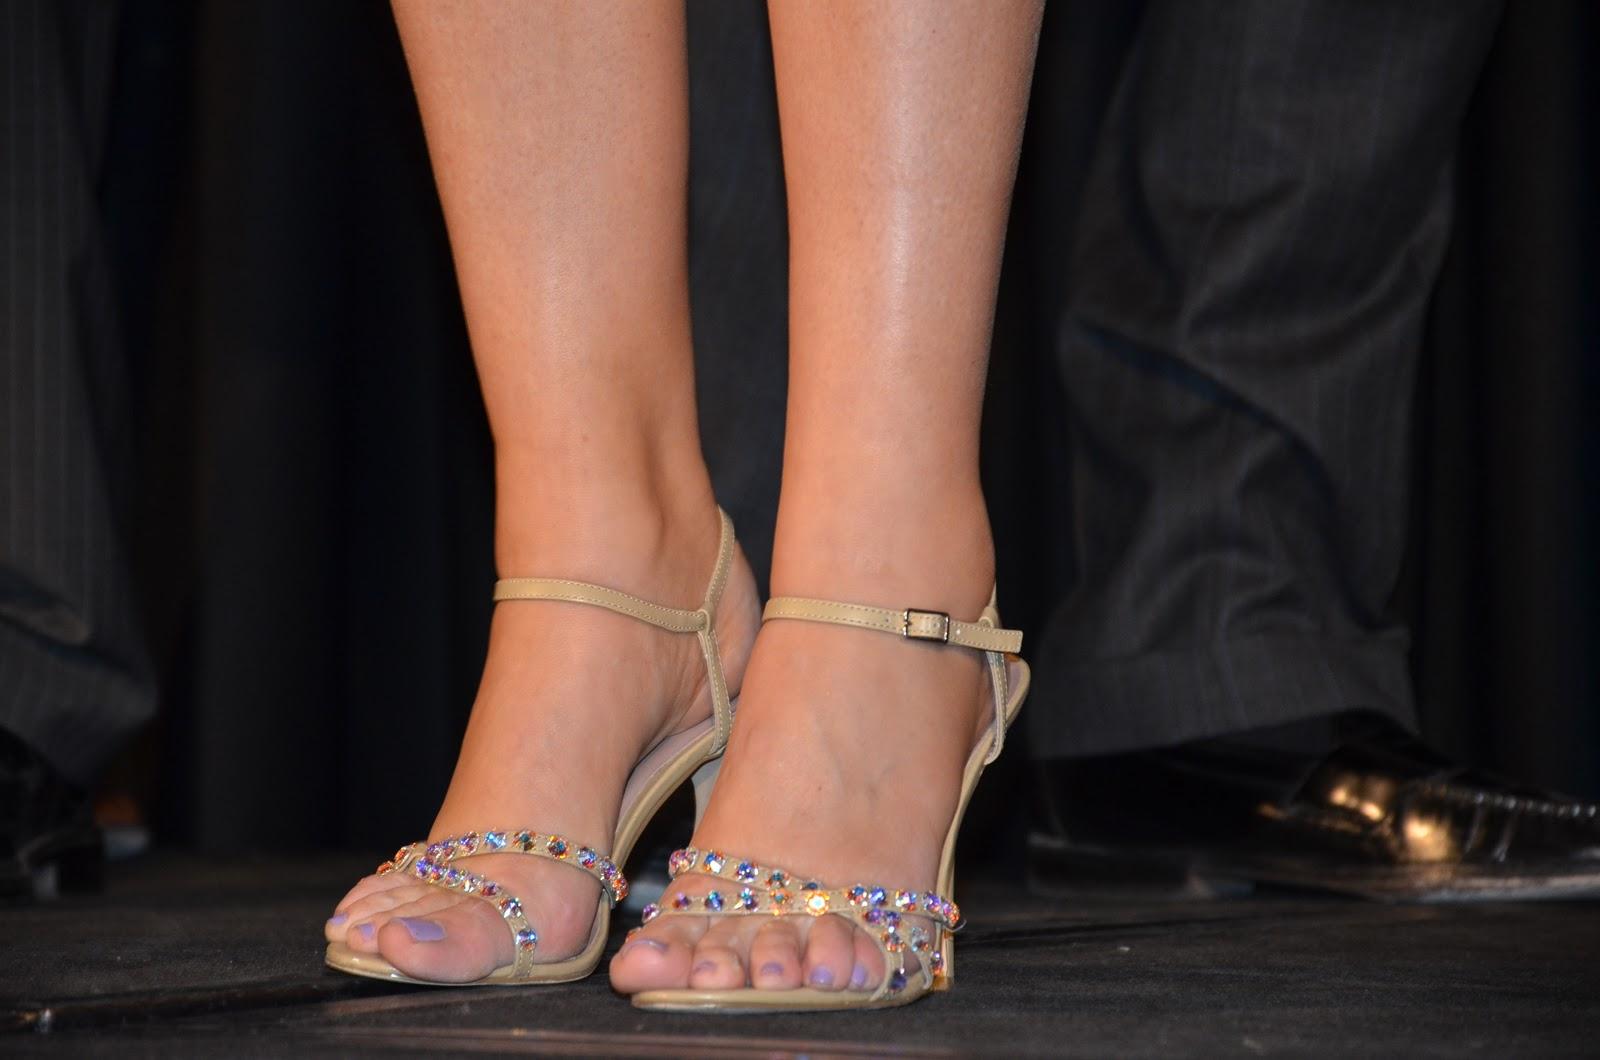 http://3.bp.blogspot.com/-DKwY6OXOIMU/TWfcr9WhQ2I/AAAAAAAANSQ/HSUasUVuvRc/s1600/Bream%2527s+Shoes.jpg